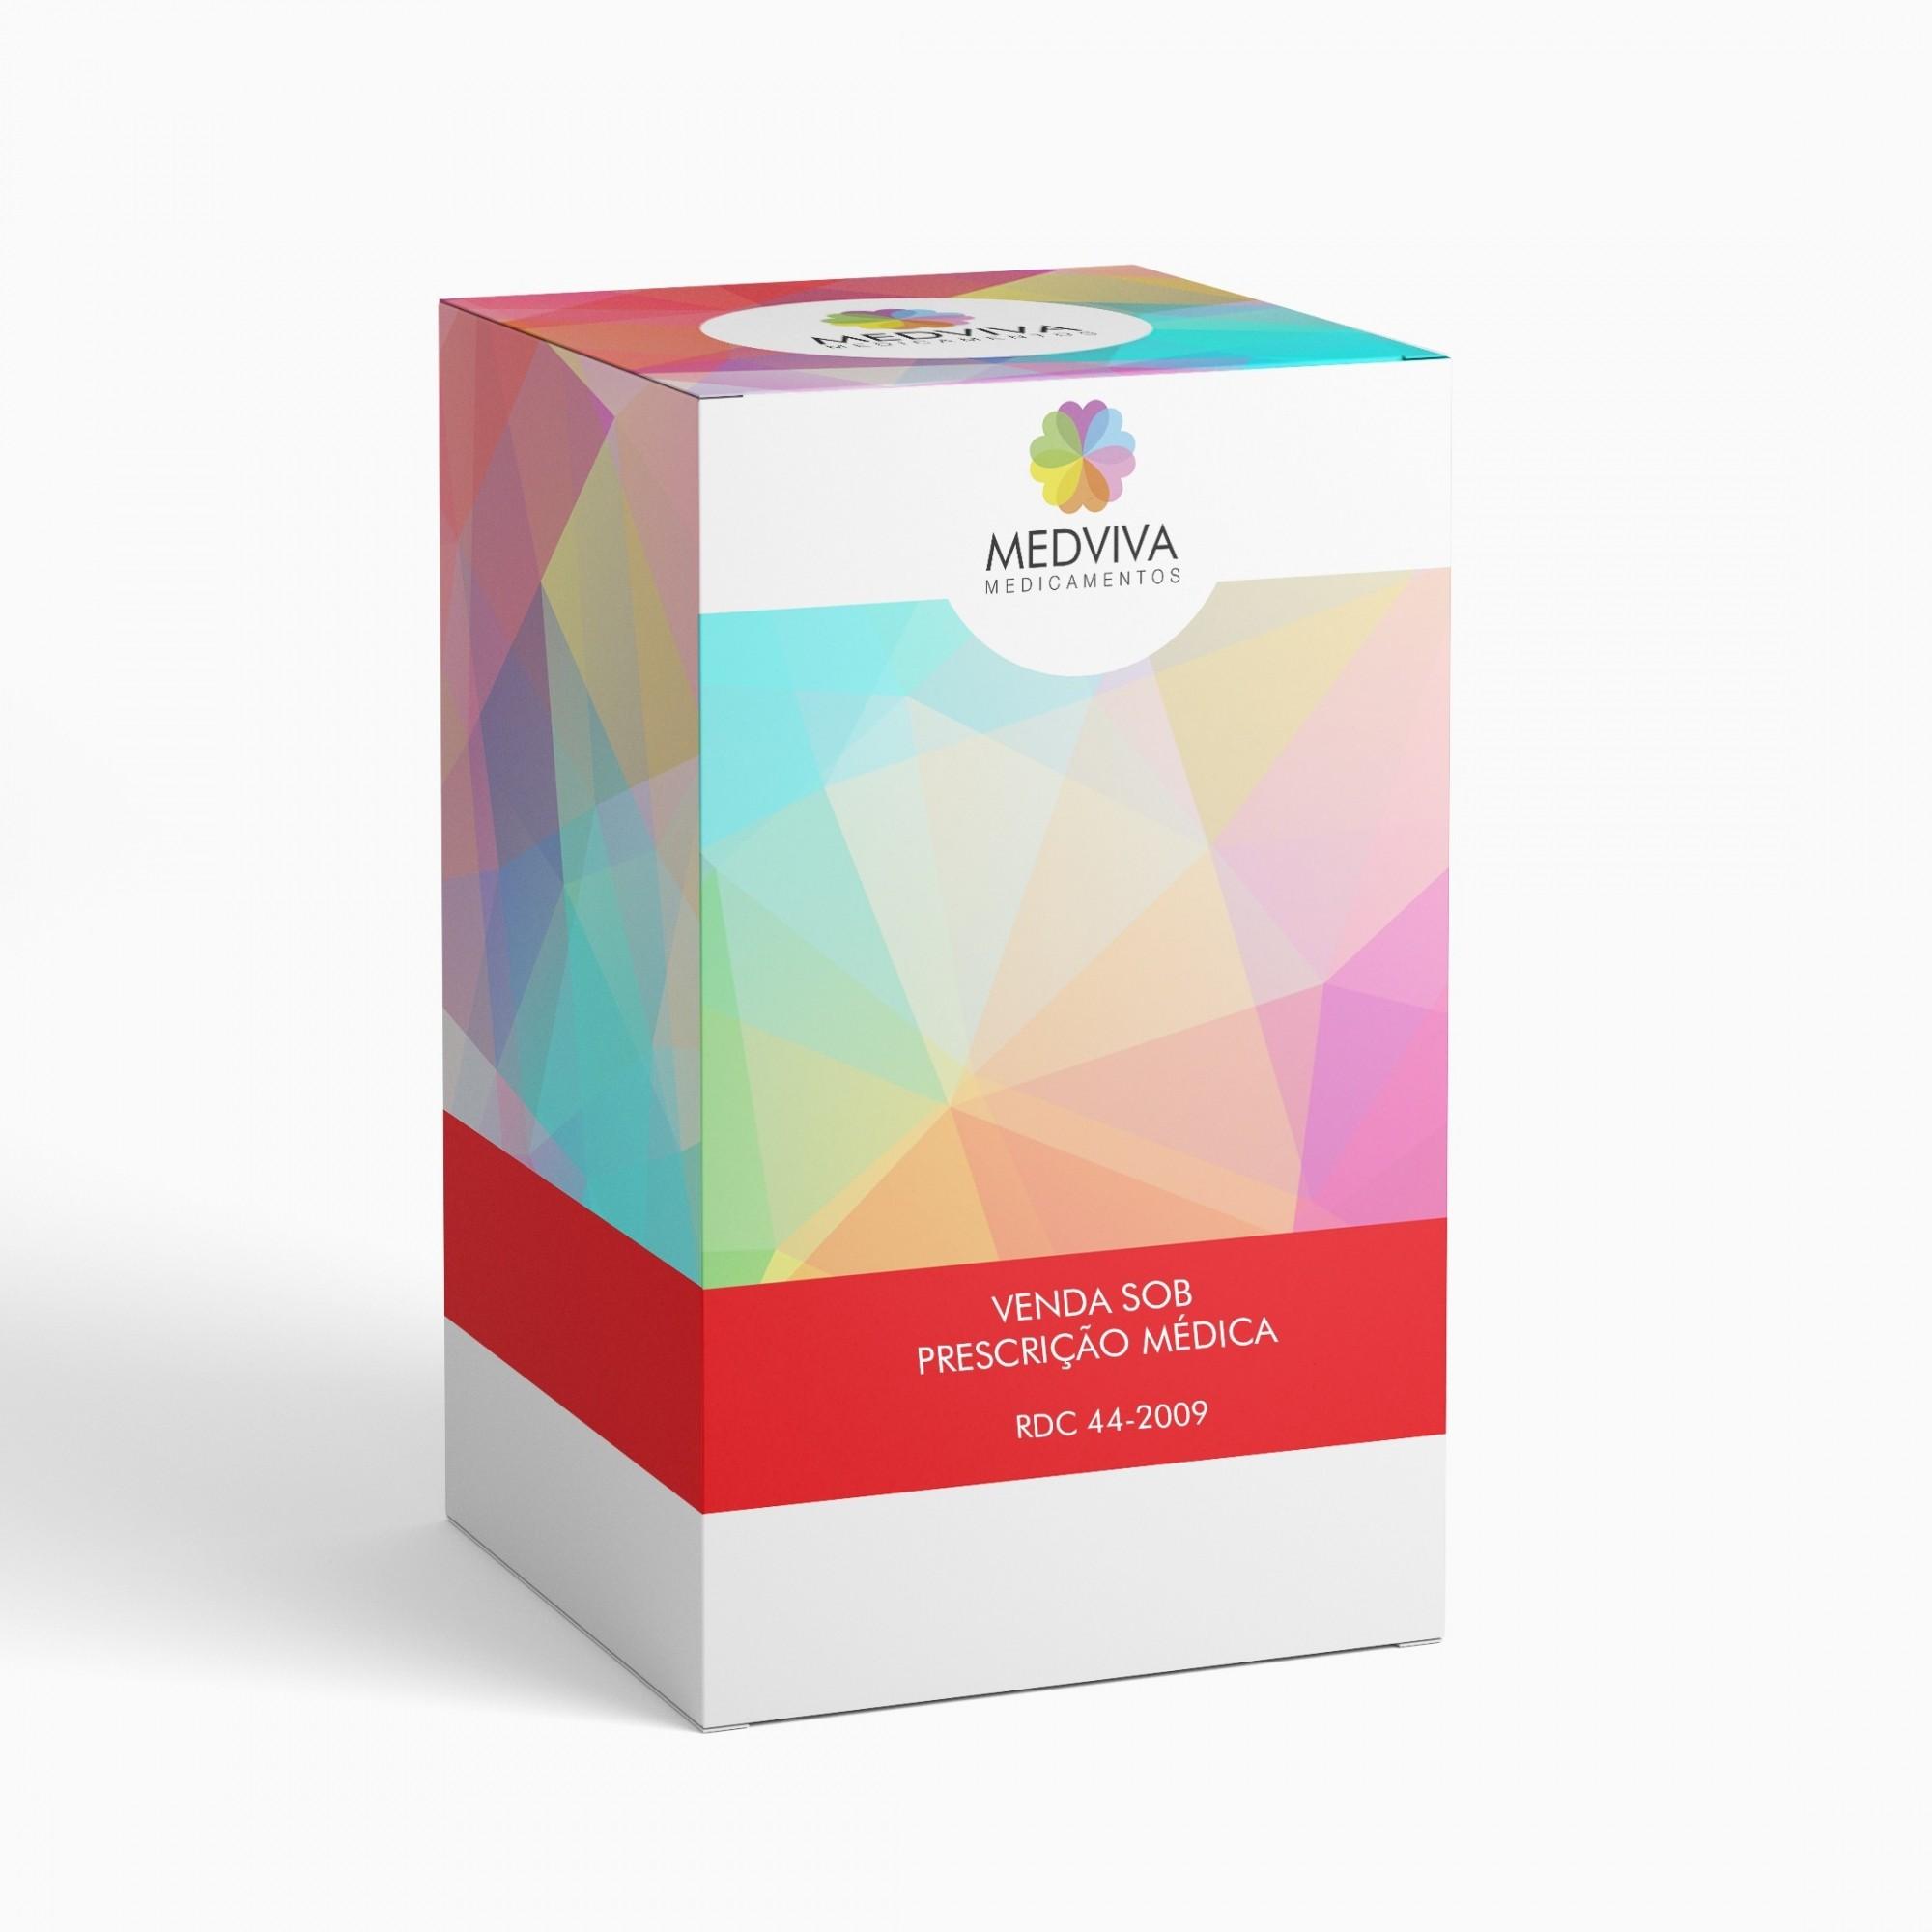 Dicloridrato De Betaistina 16mg 30 Comprimidos Eurofarma